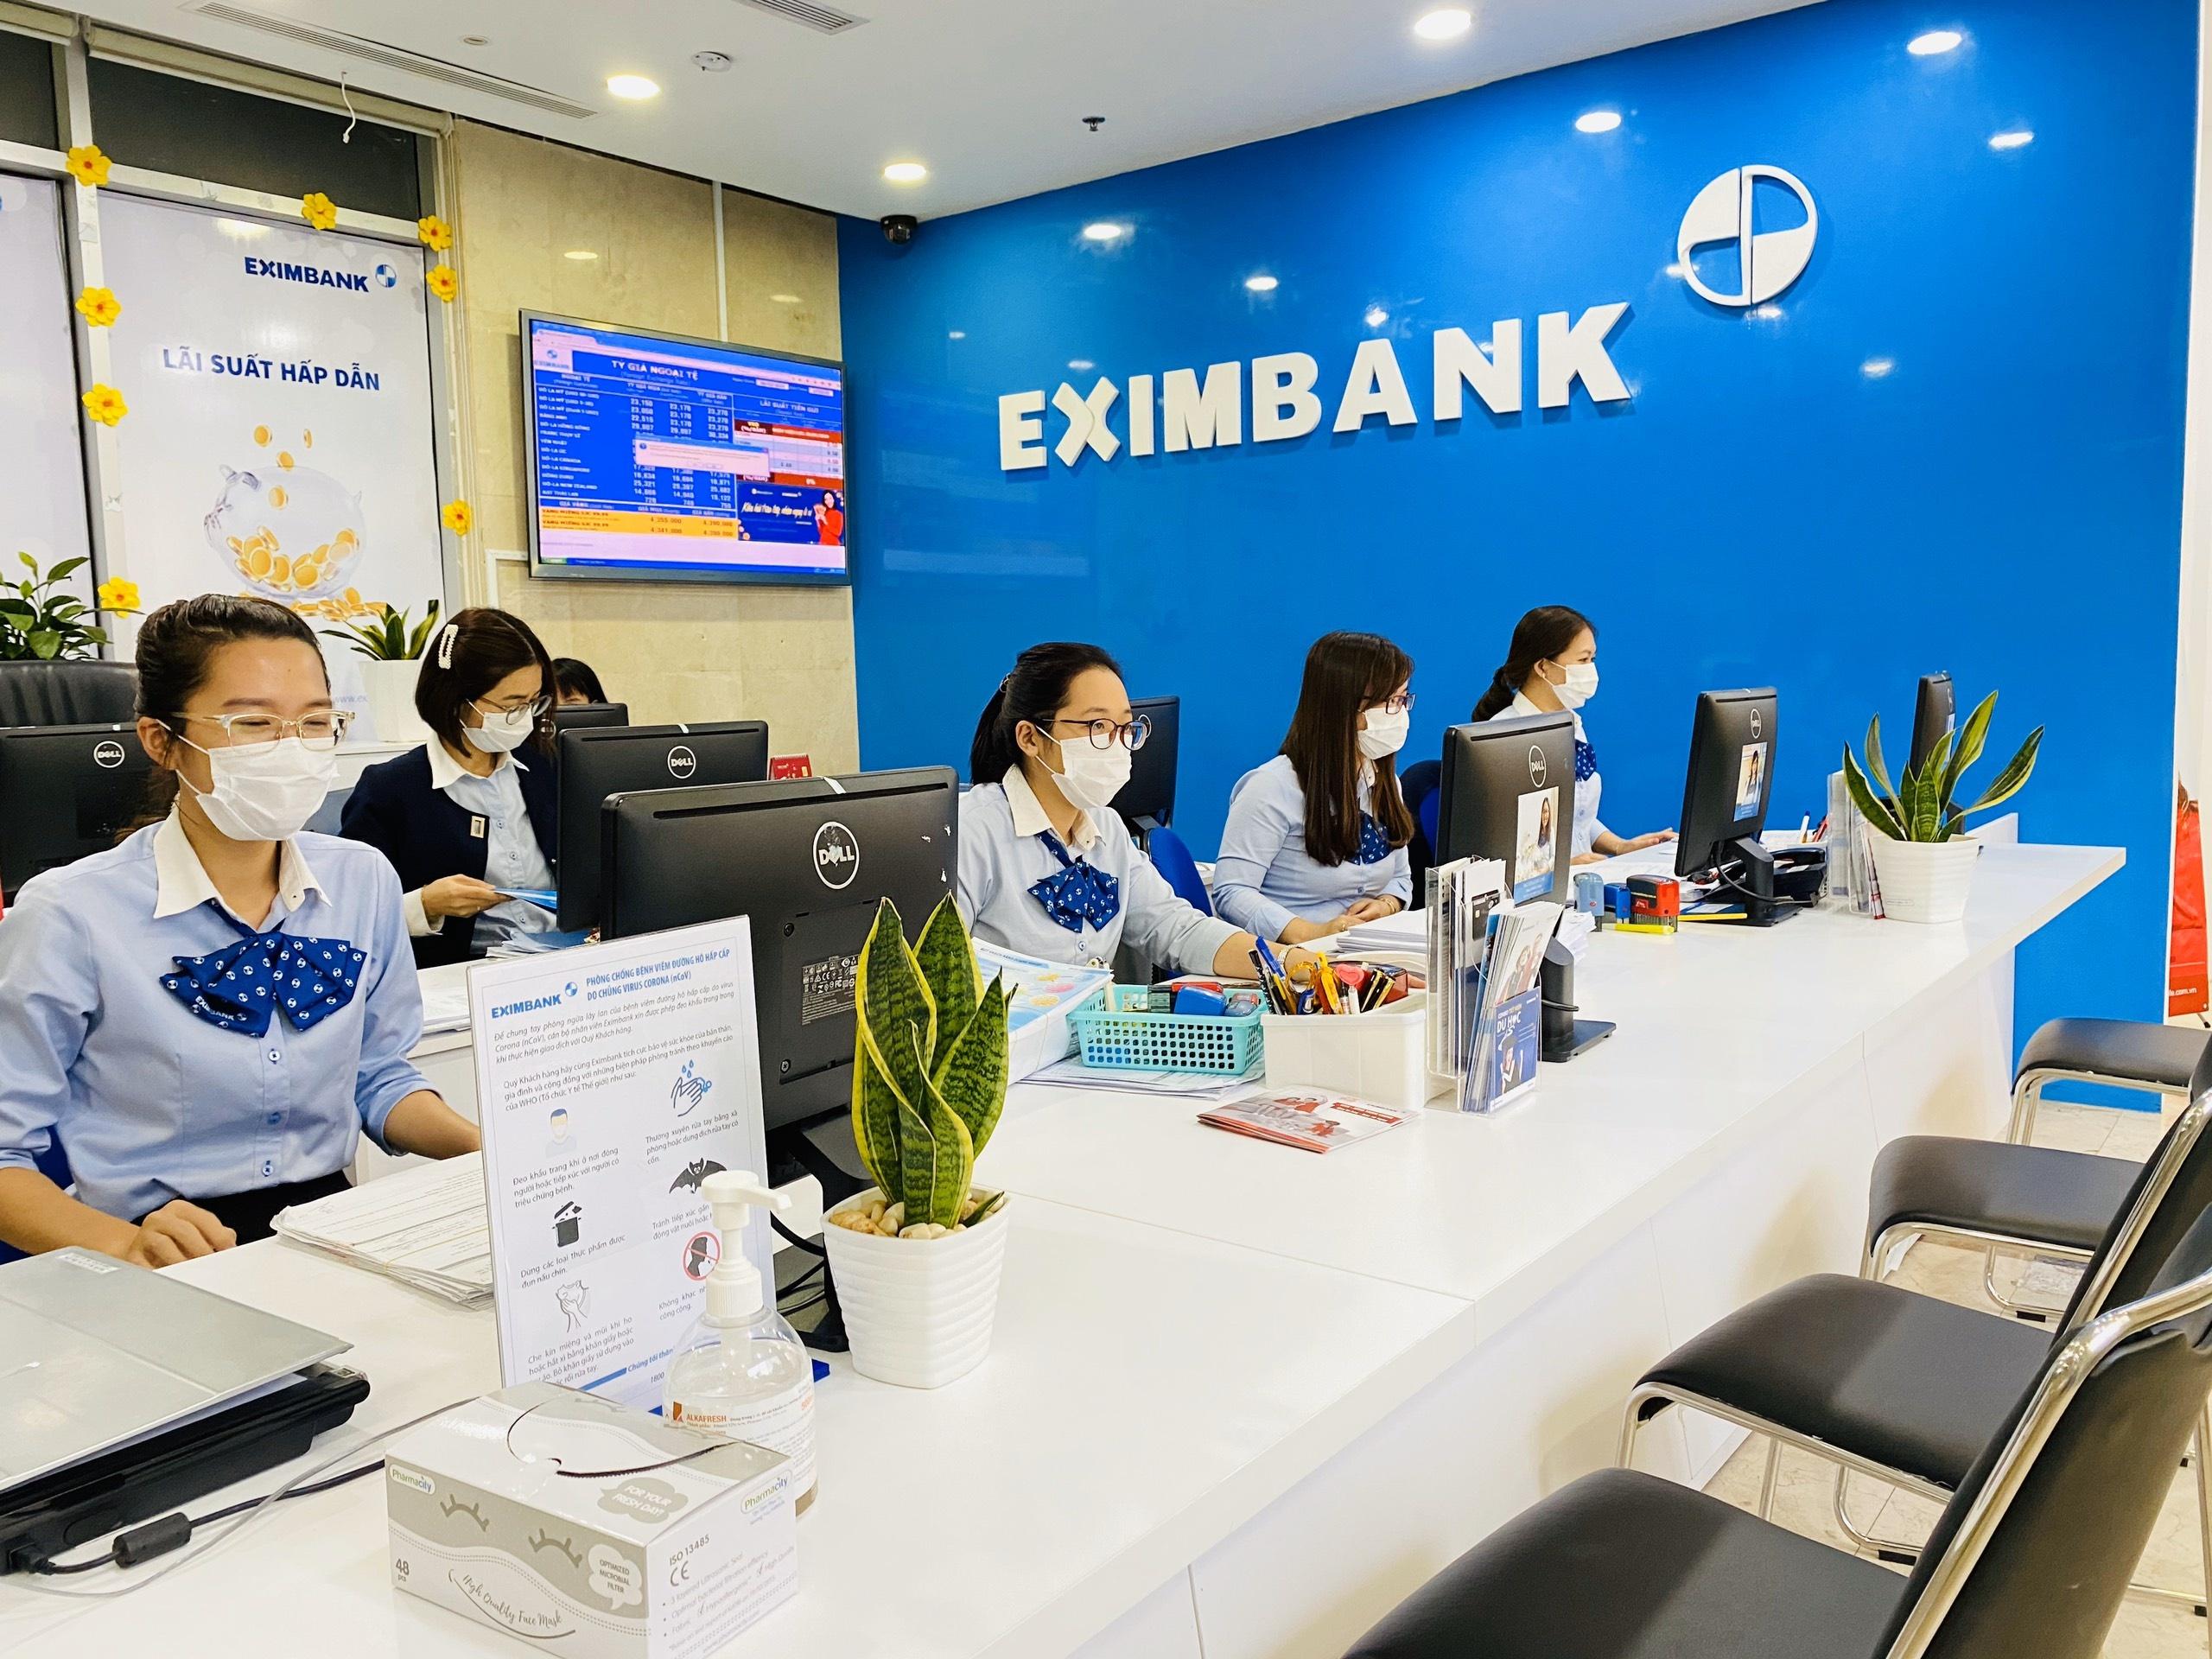 eximbank giup khach hang vuot kho khan trong dot dich ncov